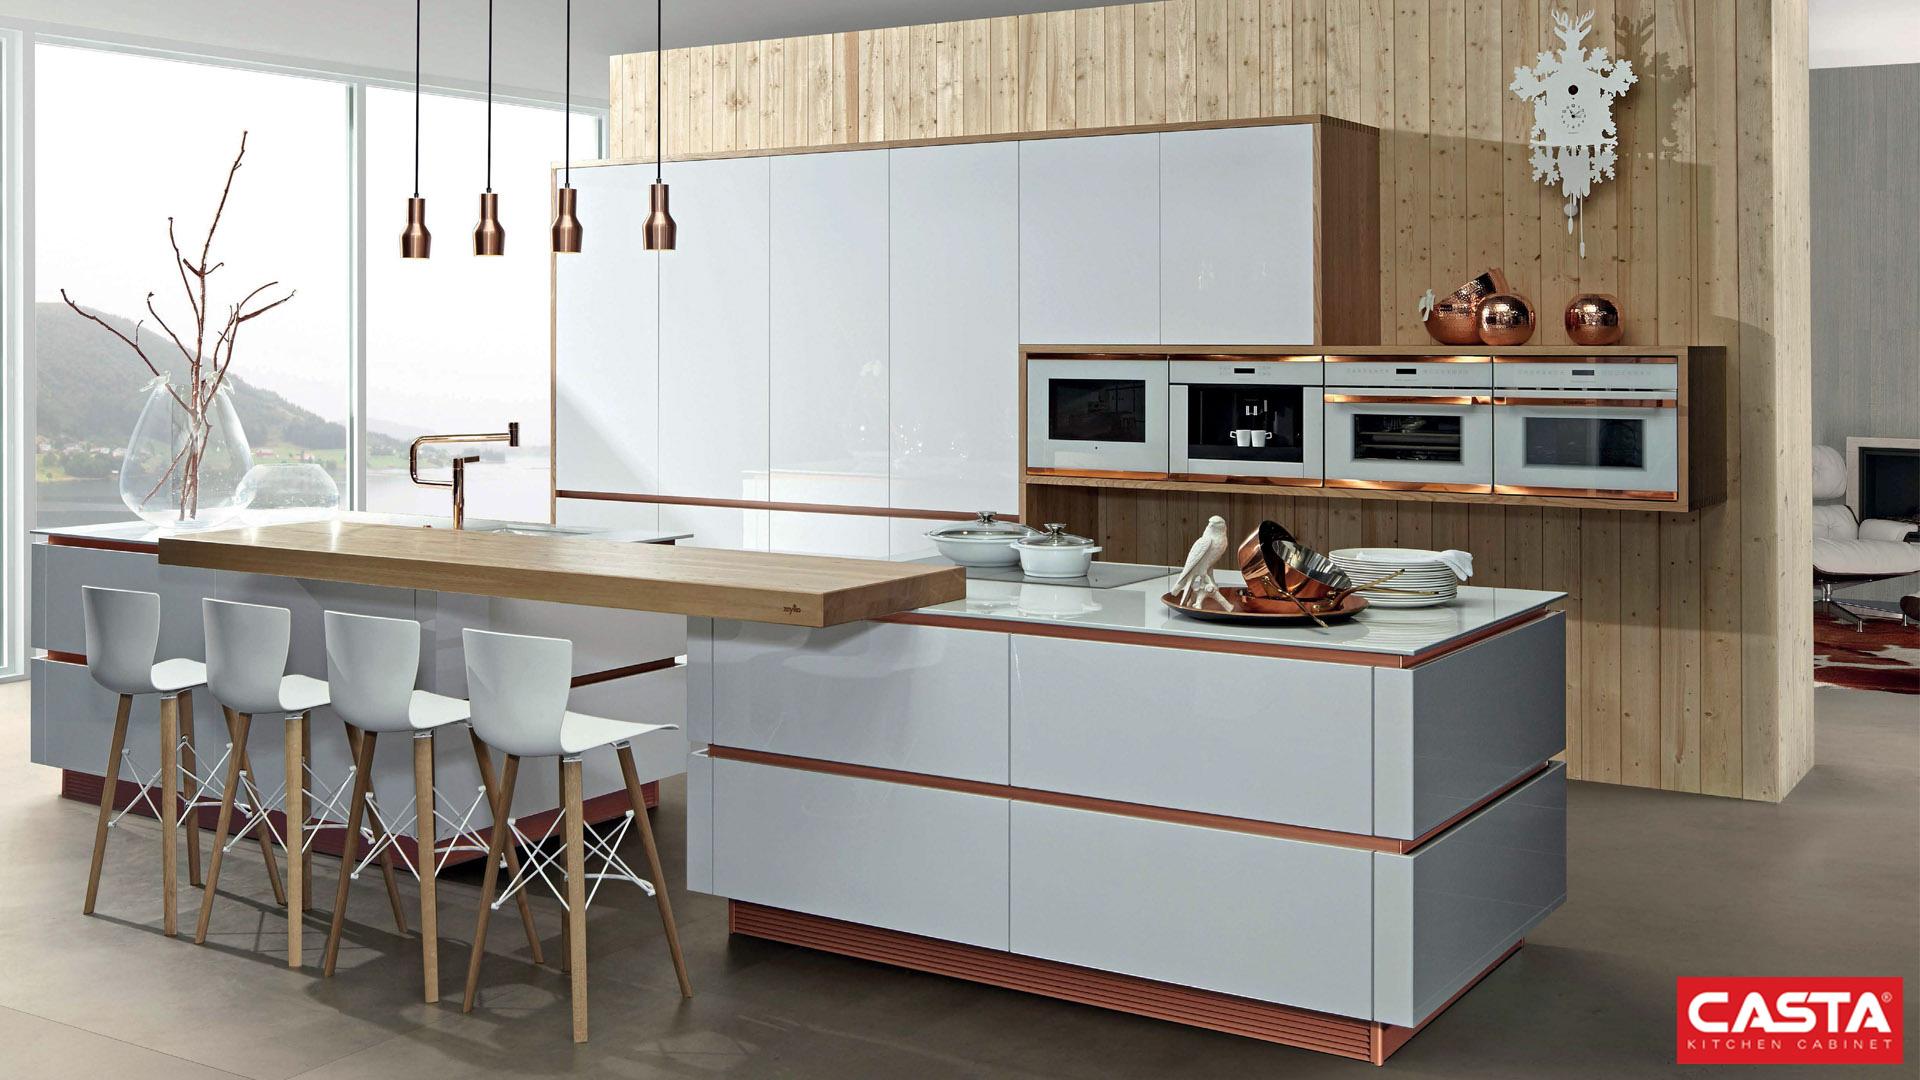 Màu sắc mang lại cảm giác tươi sáng cho không gian bếp